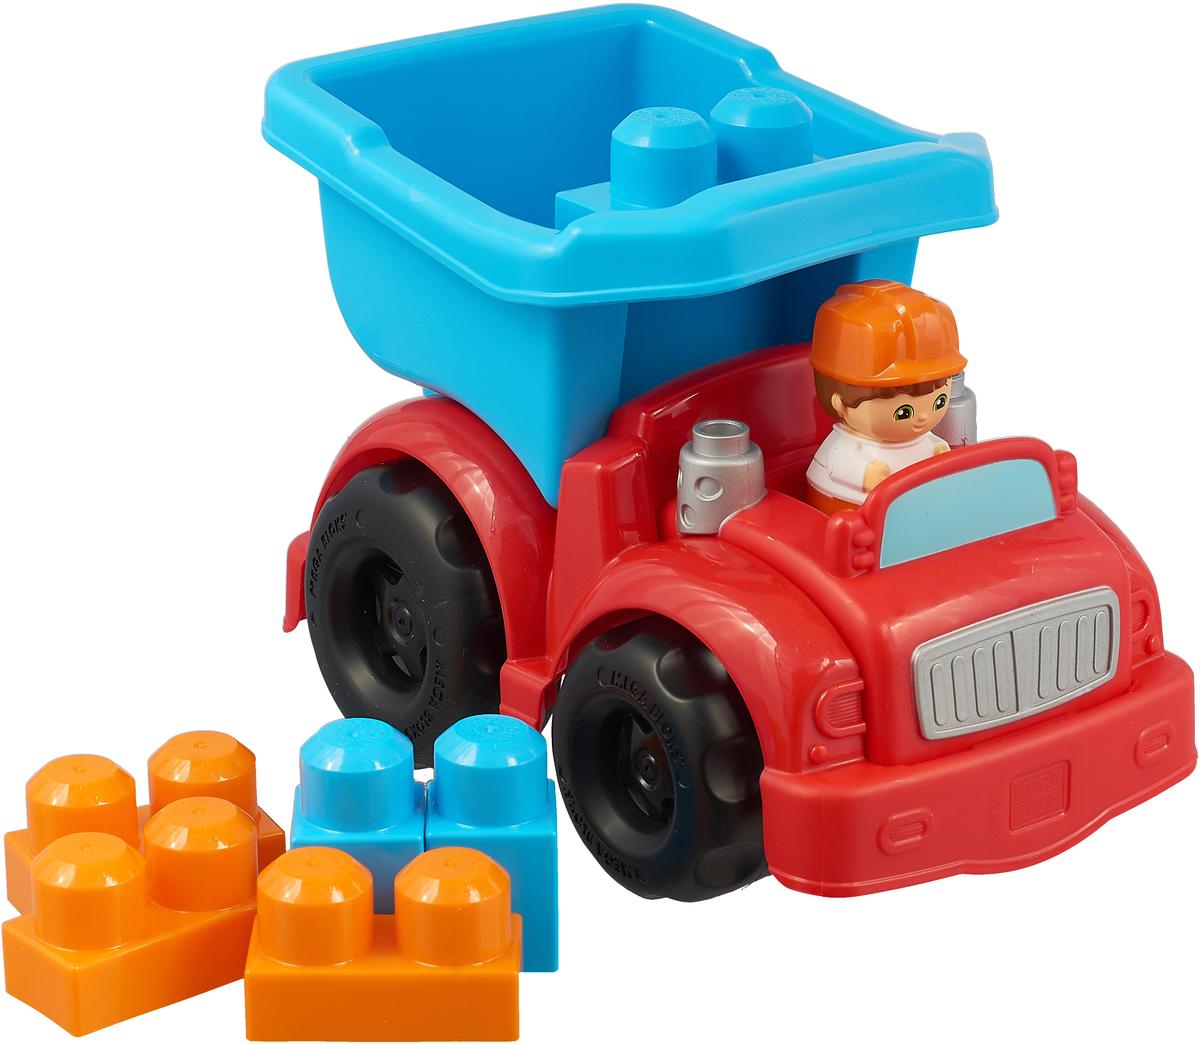 Mega Bloks First Builders Конструктор Маленькие транспортные средства Грузовичок mega bloks first builders конструктор маленькие транспортные средства грузовичок